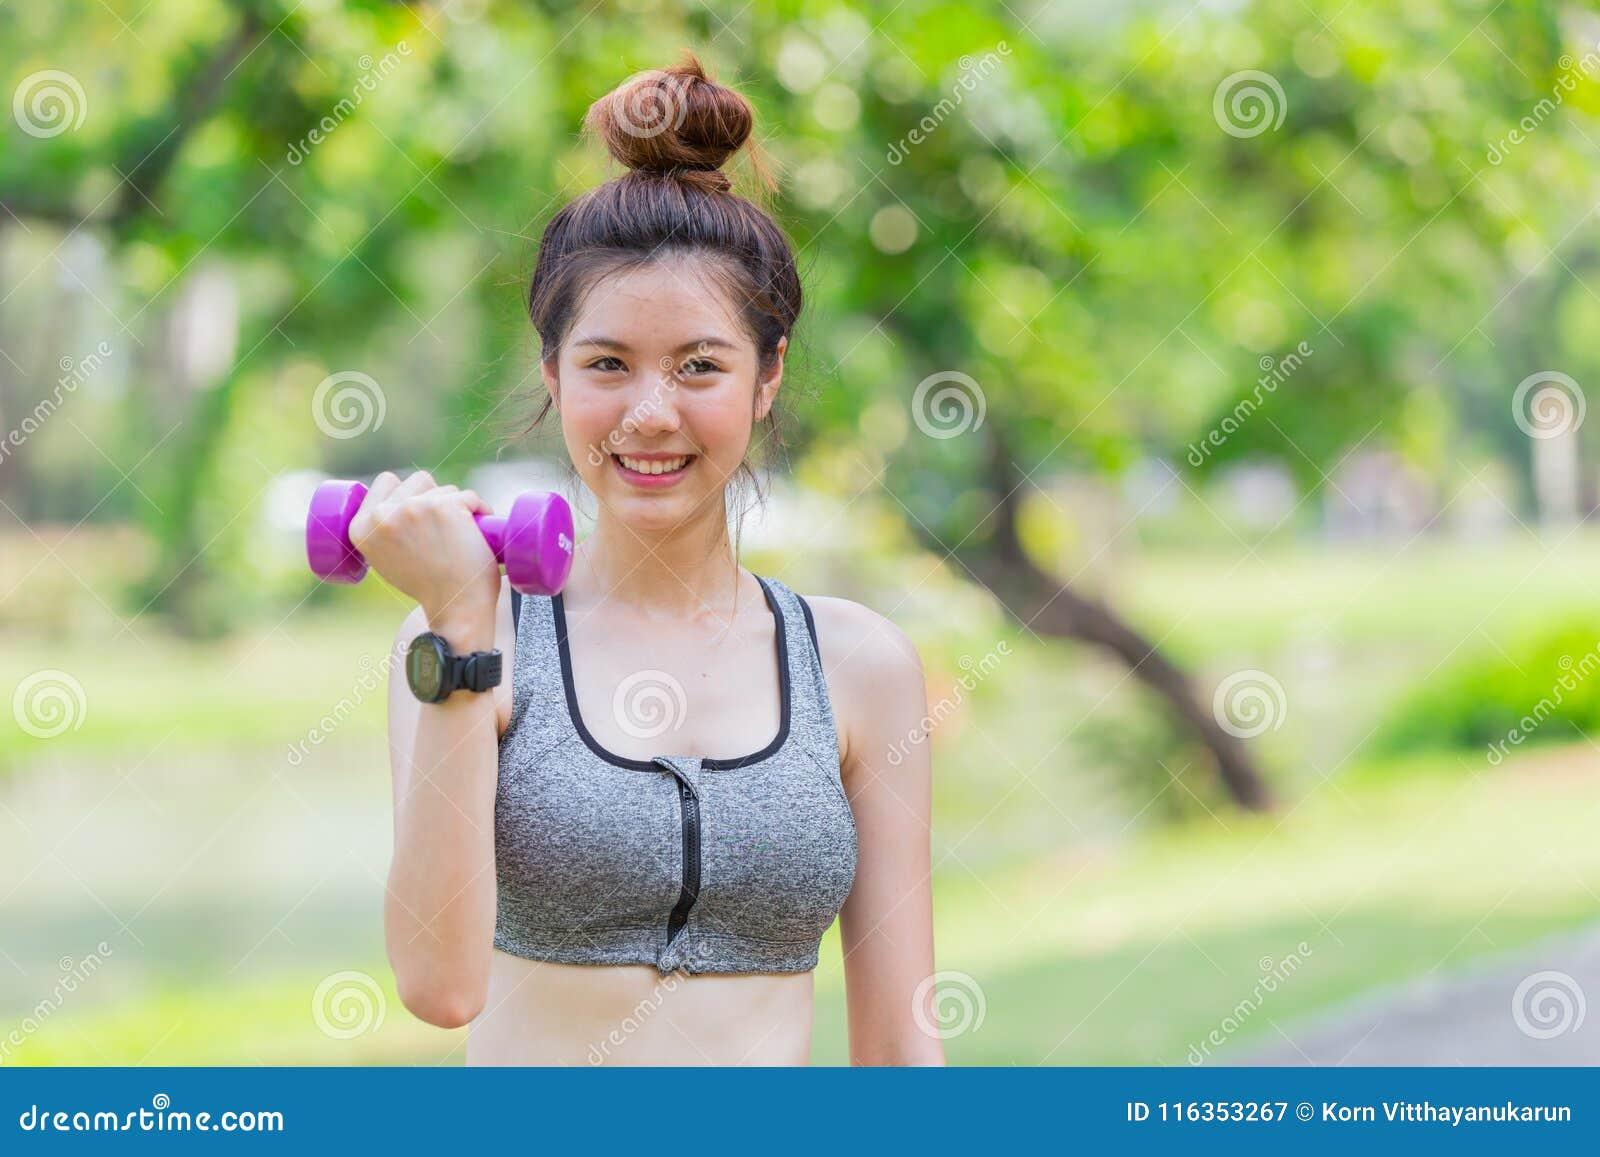 亚洲逗人喜爱青少年亭亭玉立和健康享受与小哑铃的二头肌锻炼